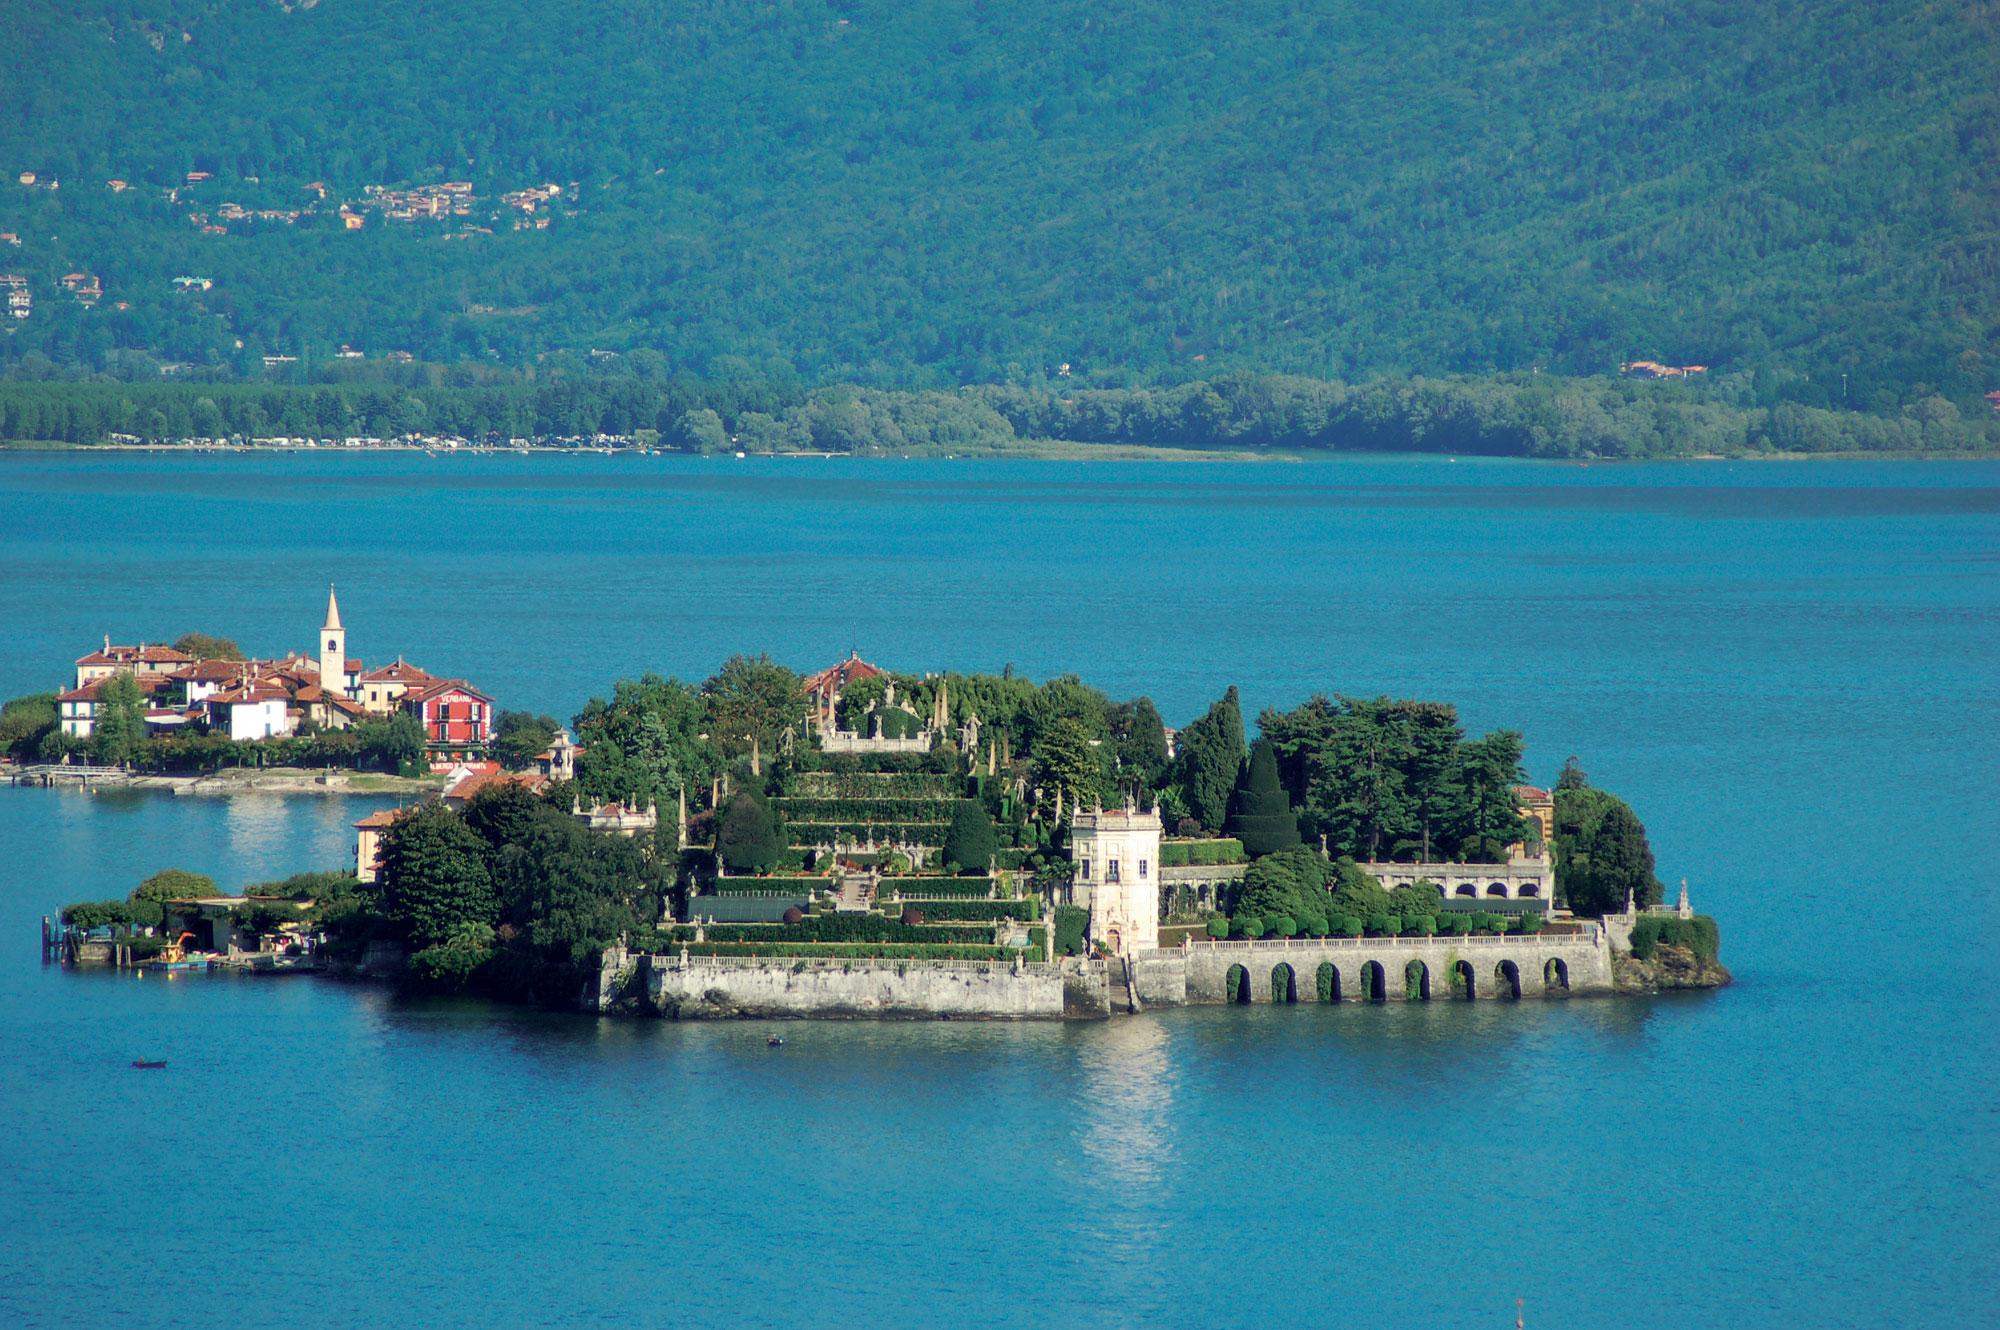 Brissago: Switzerland's Tropical Island